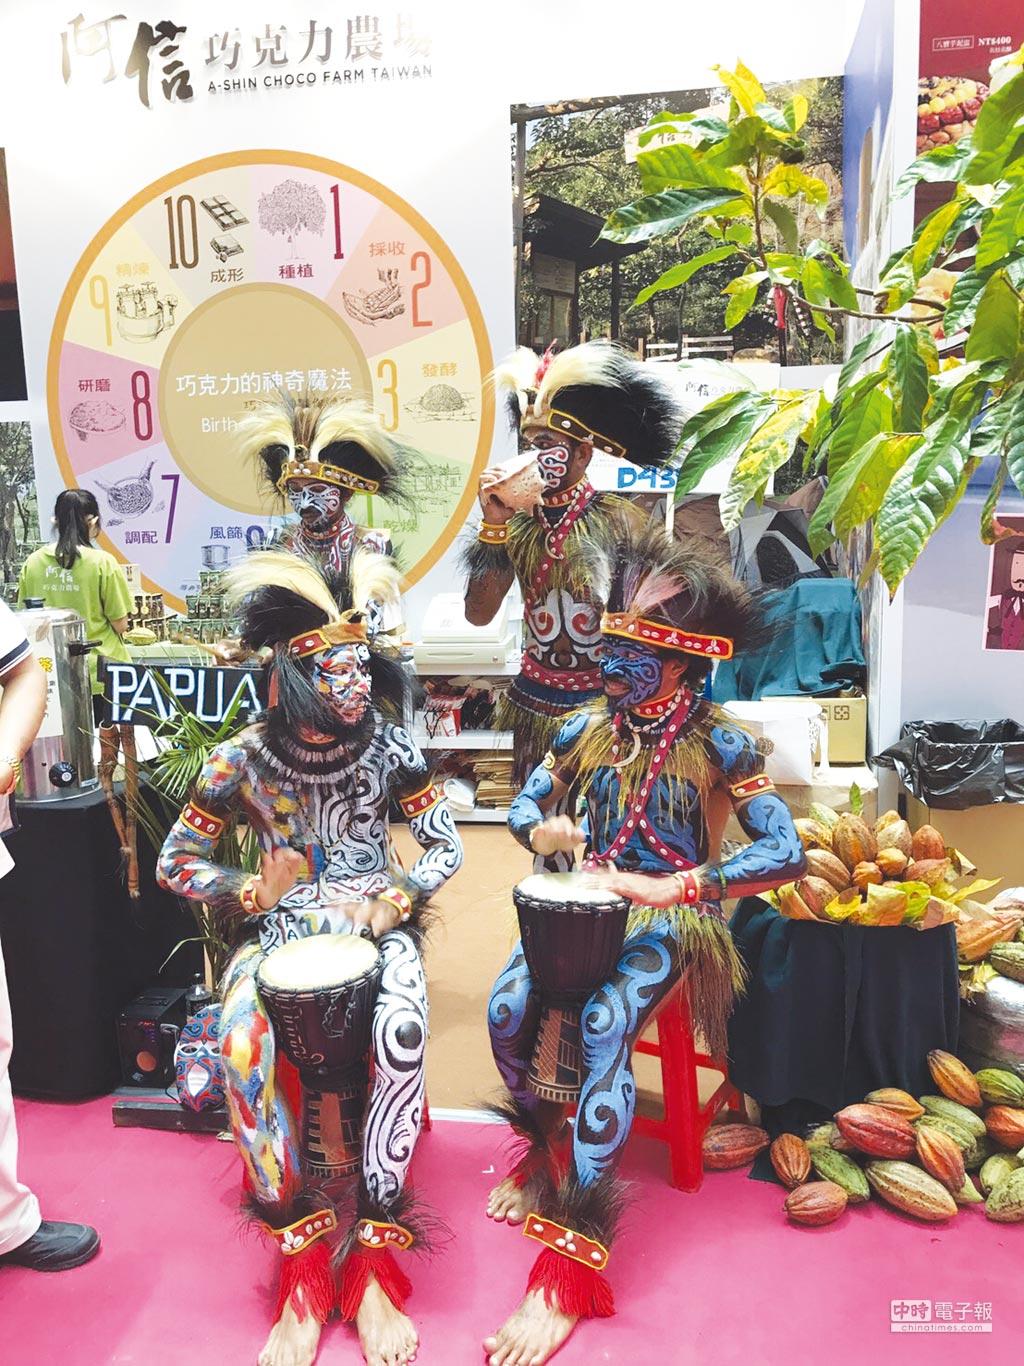 墾丁悠活阿信巧克力農場帶來的ASMAT食人族舞蹈表演,增添展覽熱鬧氣氛。圖/業者提供